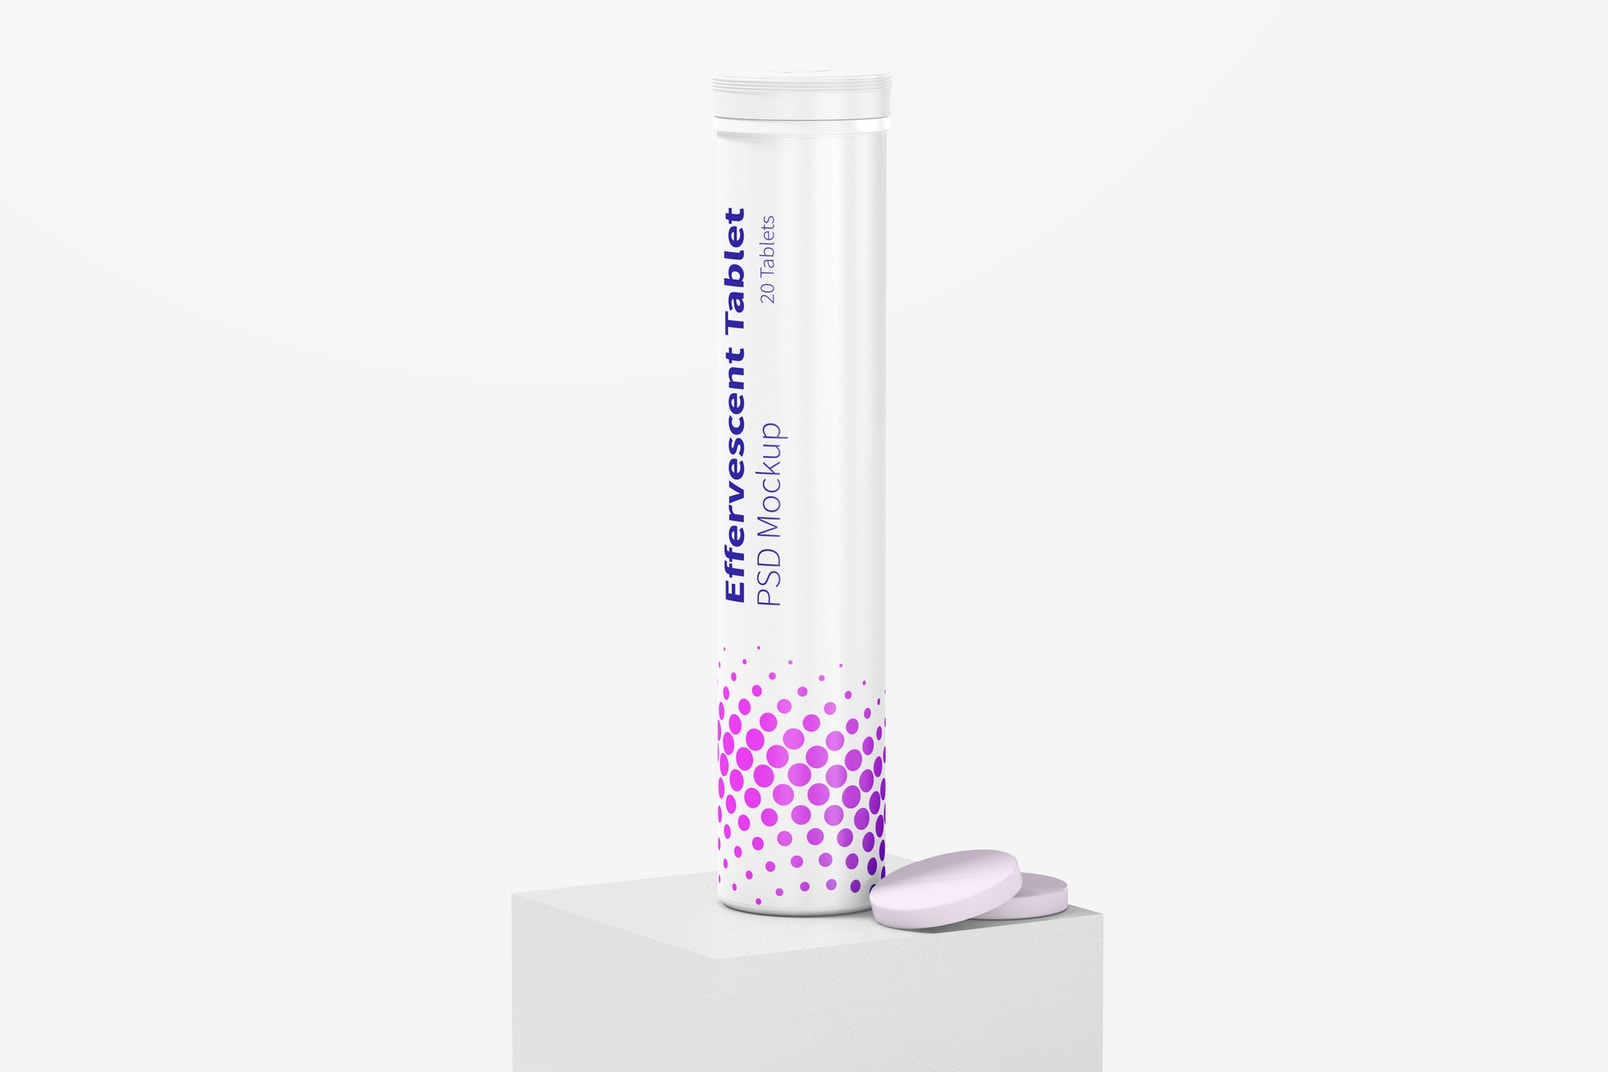 Effervescent Tablet Bottle Mockup, Perspective